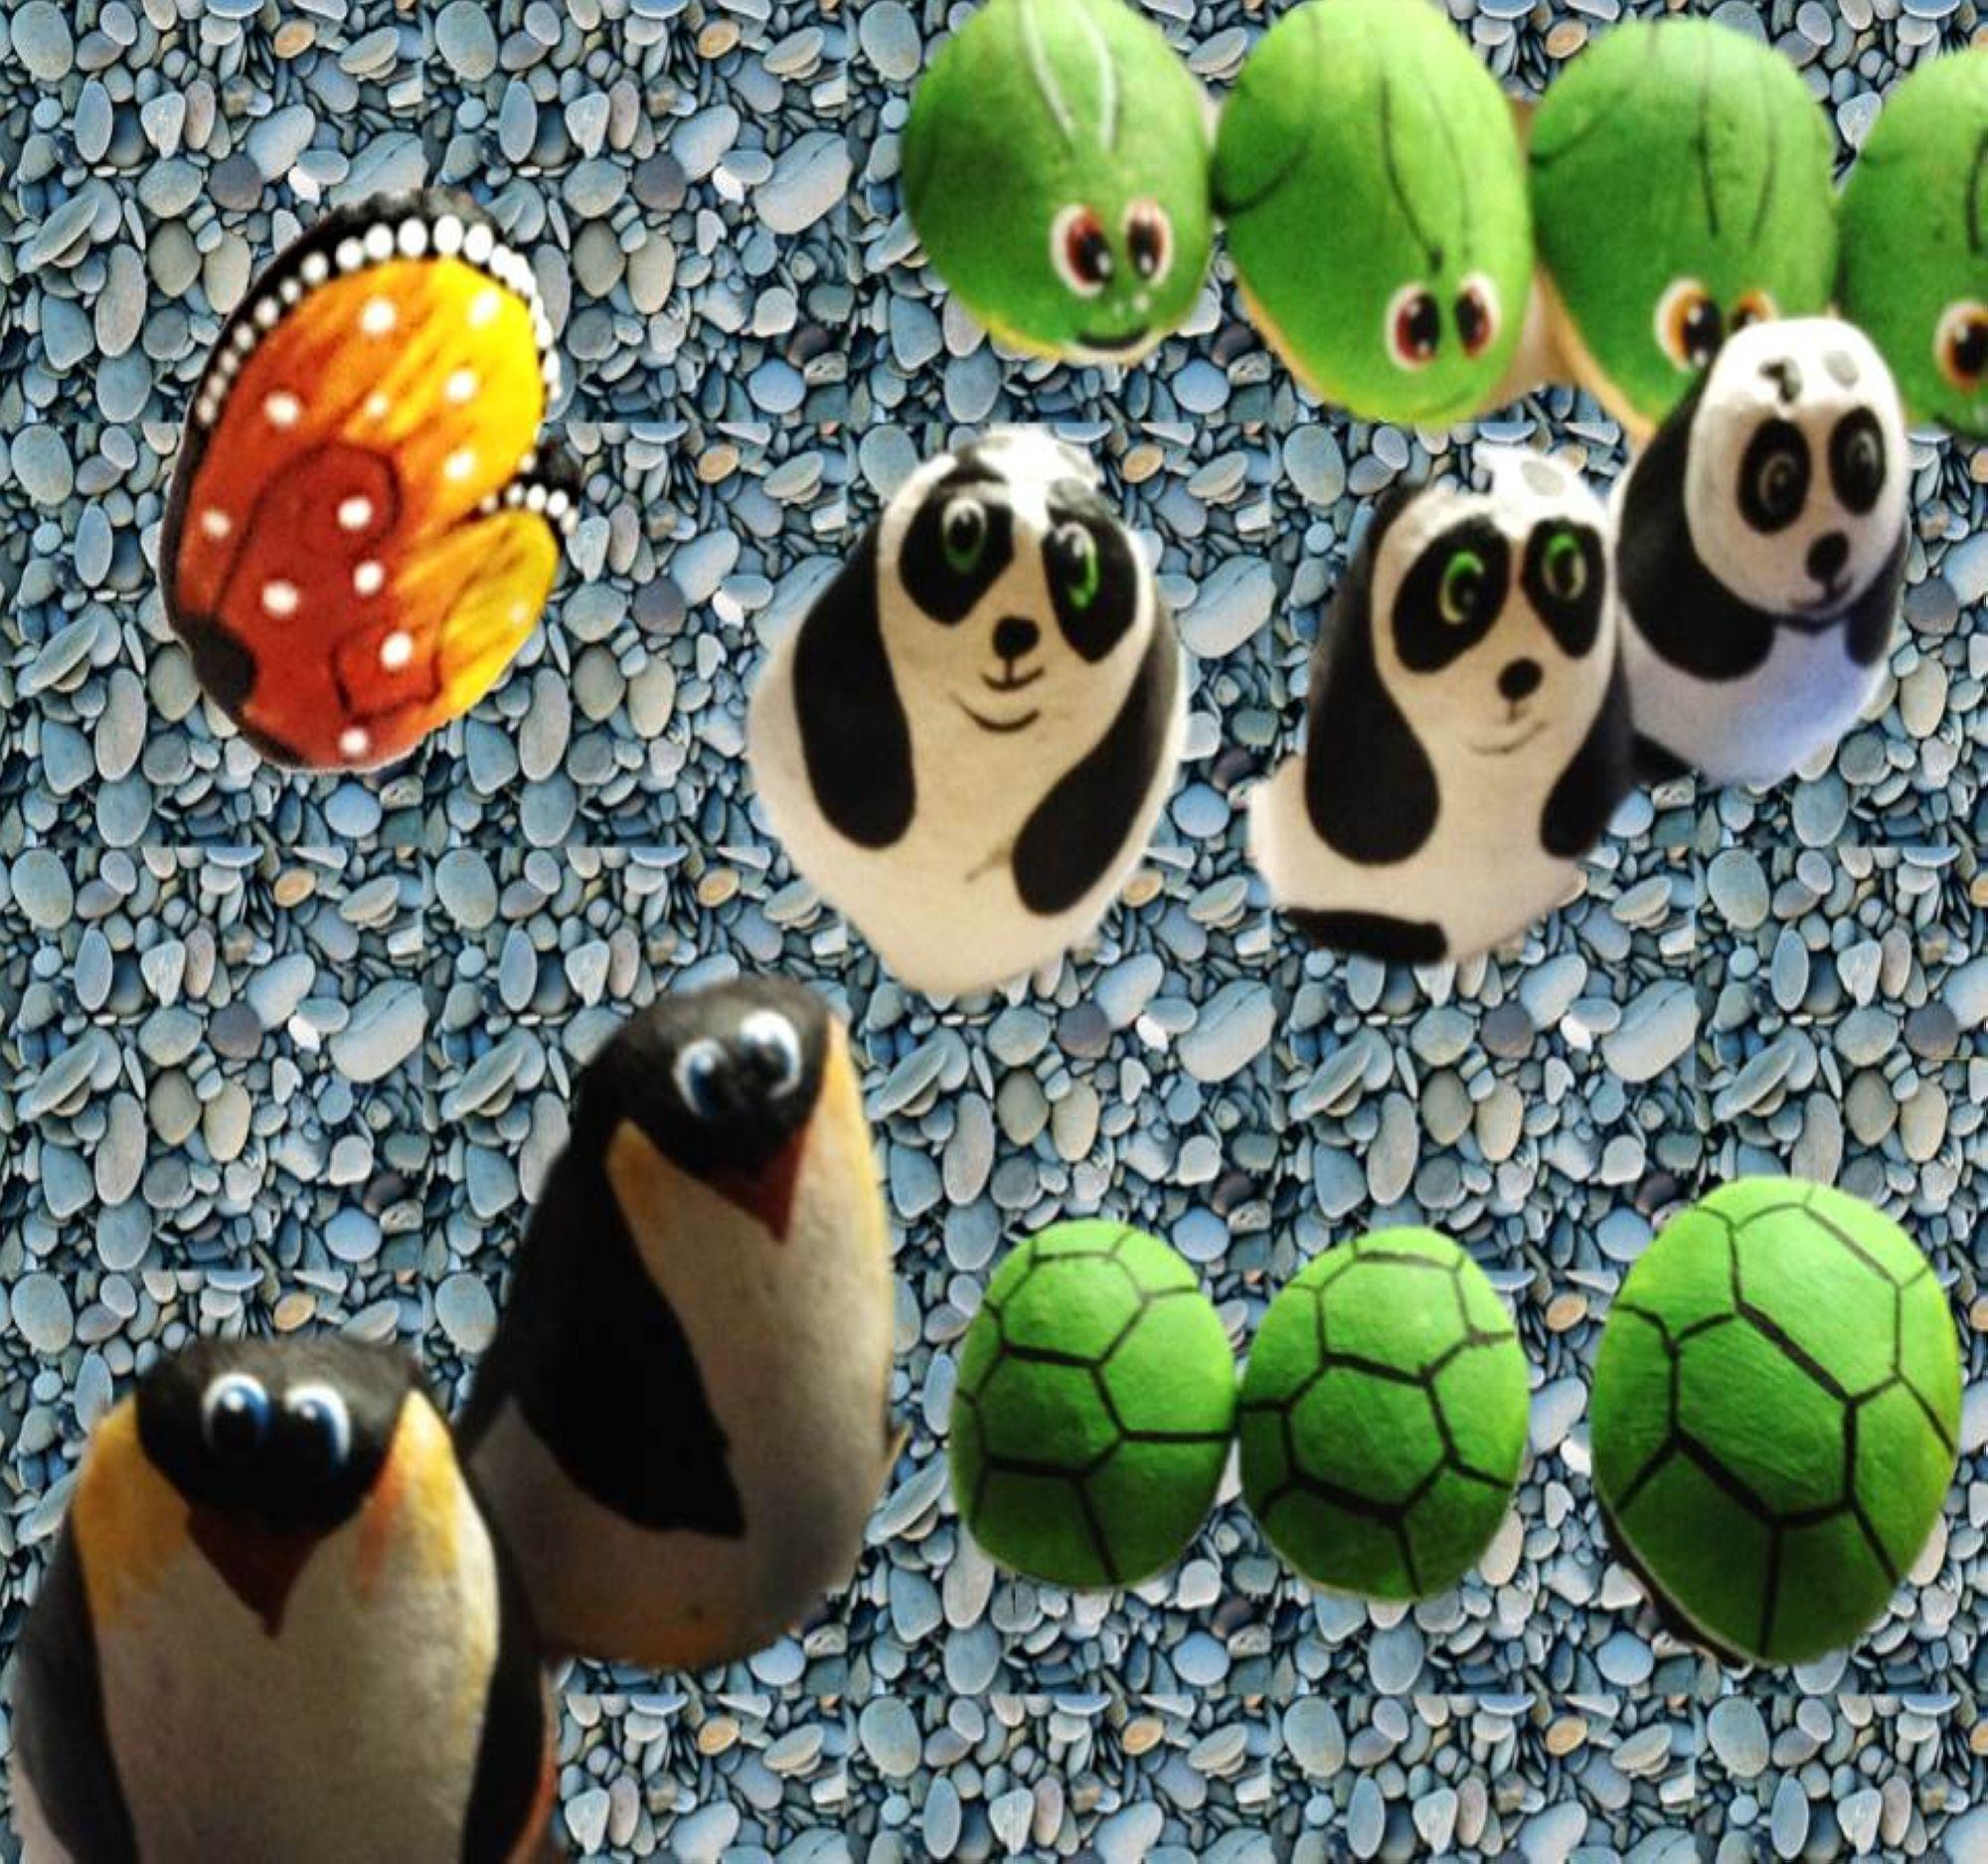 animales pintados en piedras